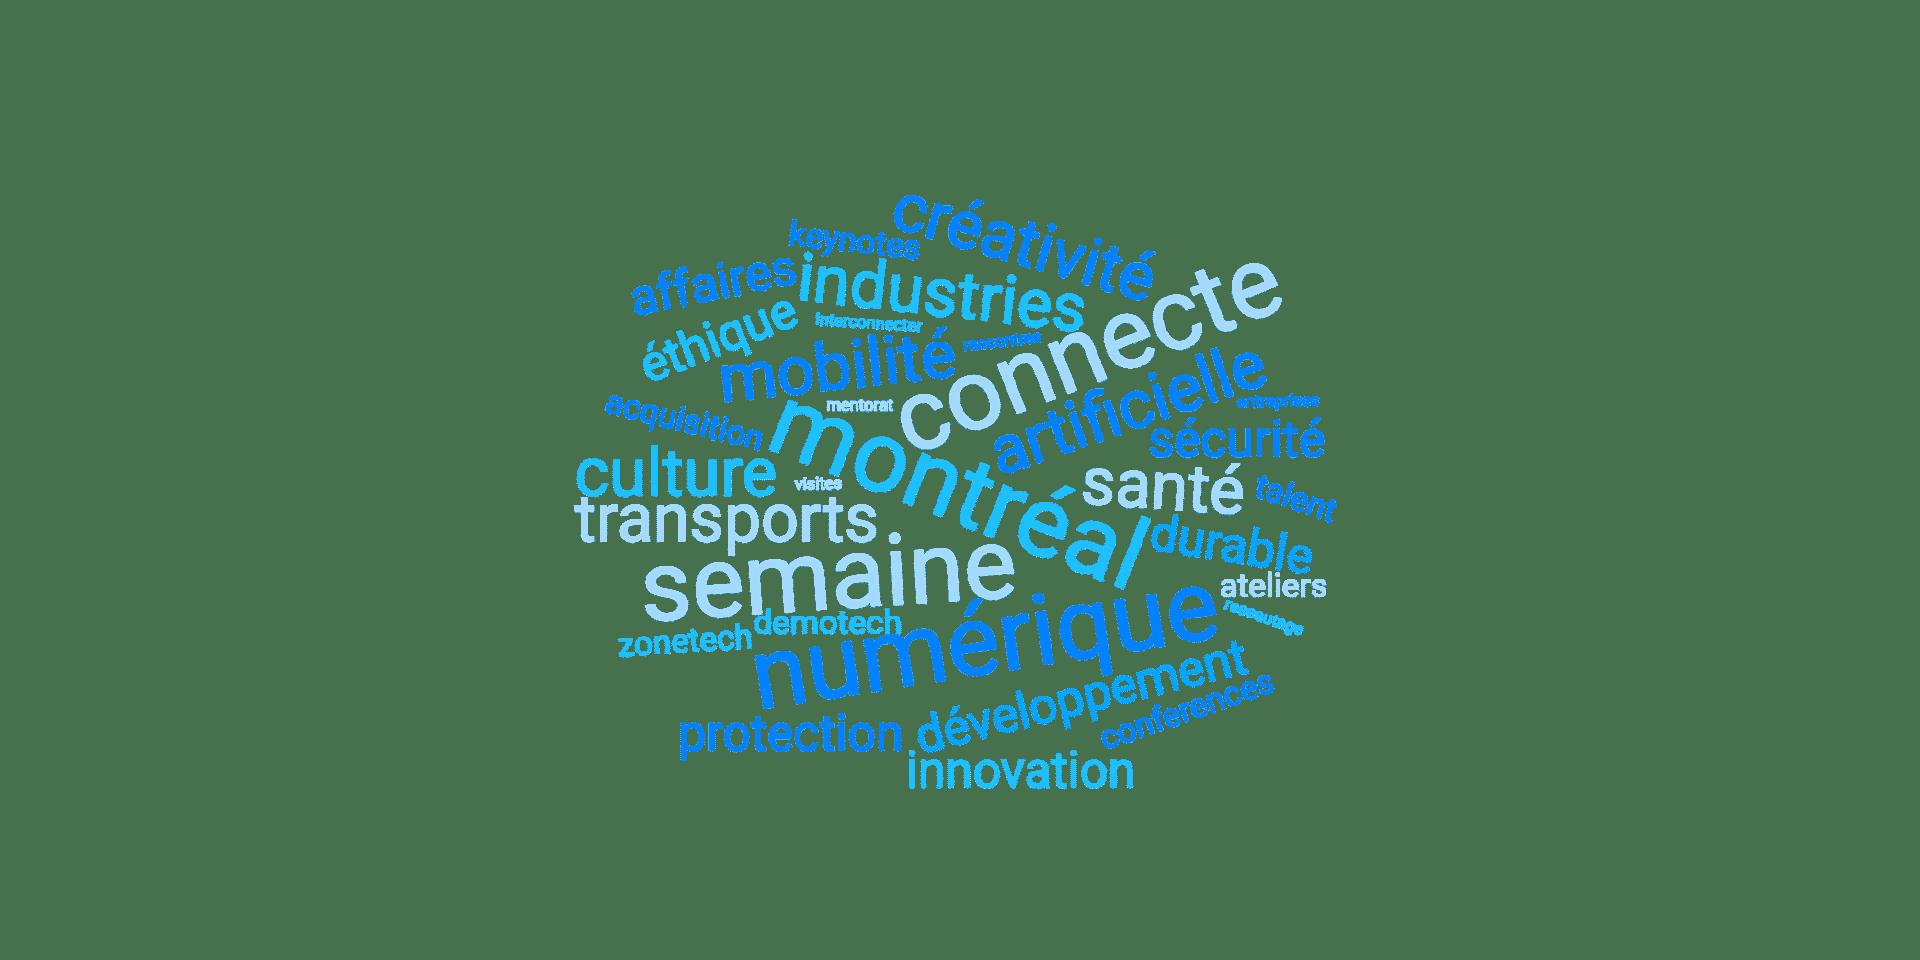 La Semaine numérique de Montréal : appel aux conférencières et conférenciers